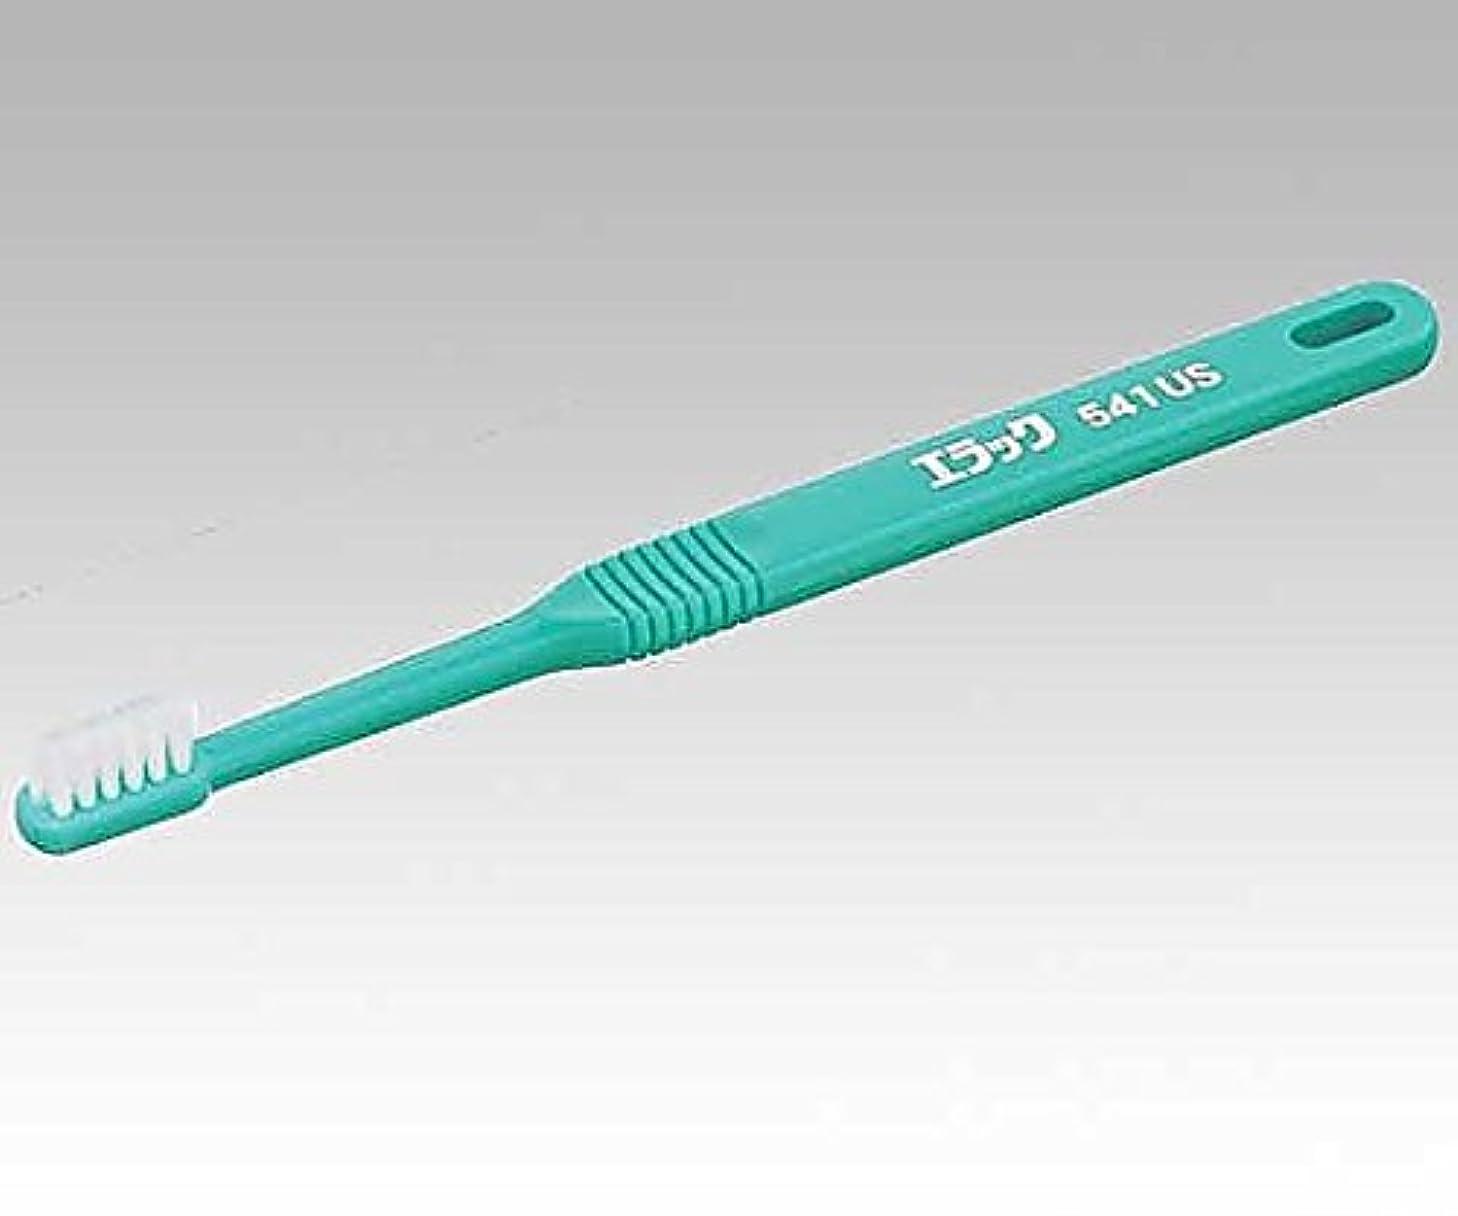 つぶす機動犠牲ライオン8-7892-11介助用歯ブラシ(ウルトラソフト/20箱入)